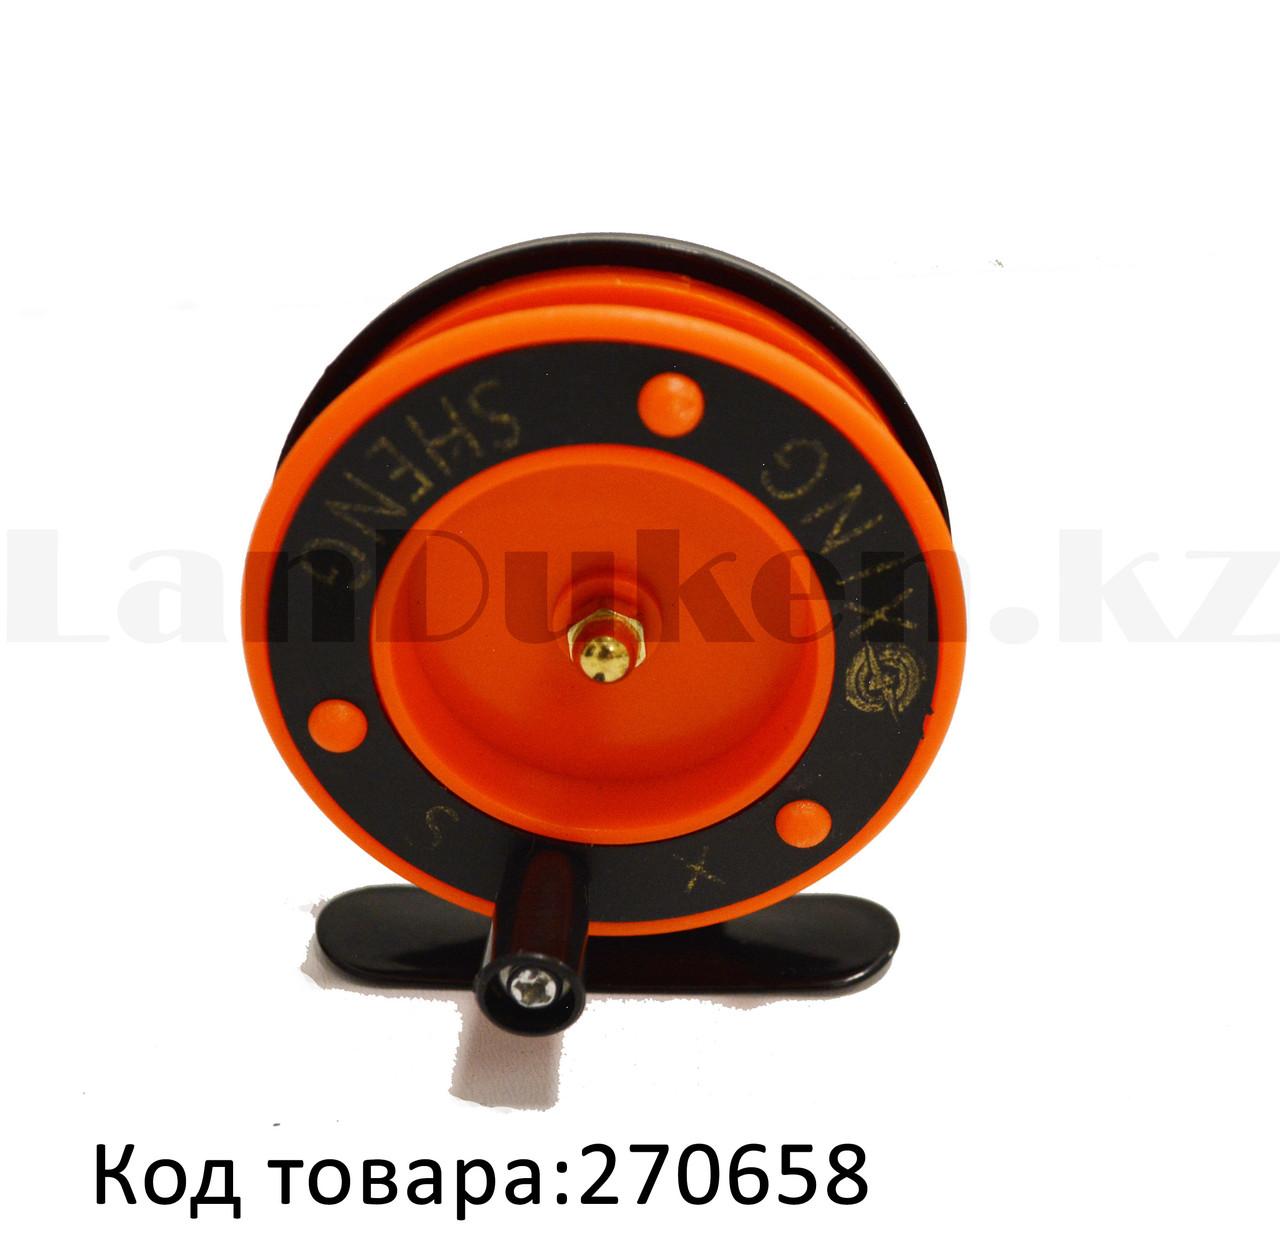 Инерционная катушка для удочки металлическая оранжевая - фото 1